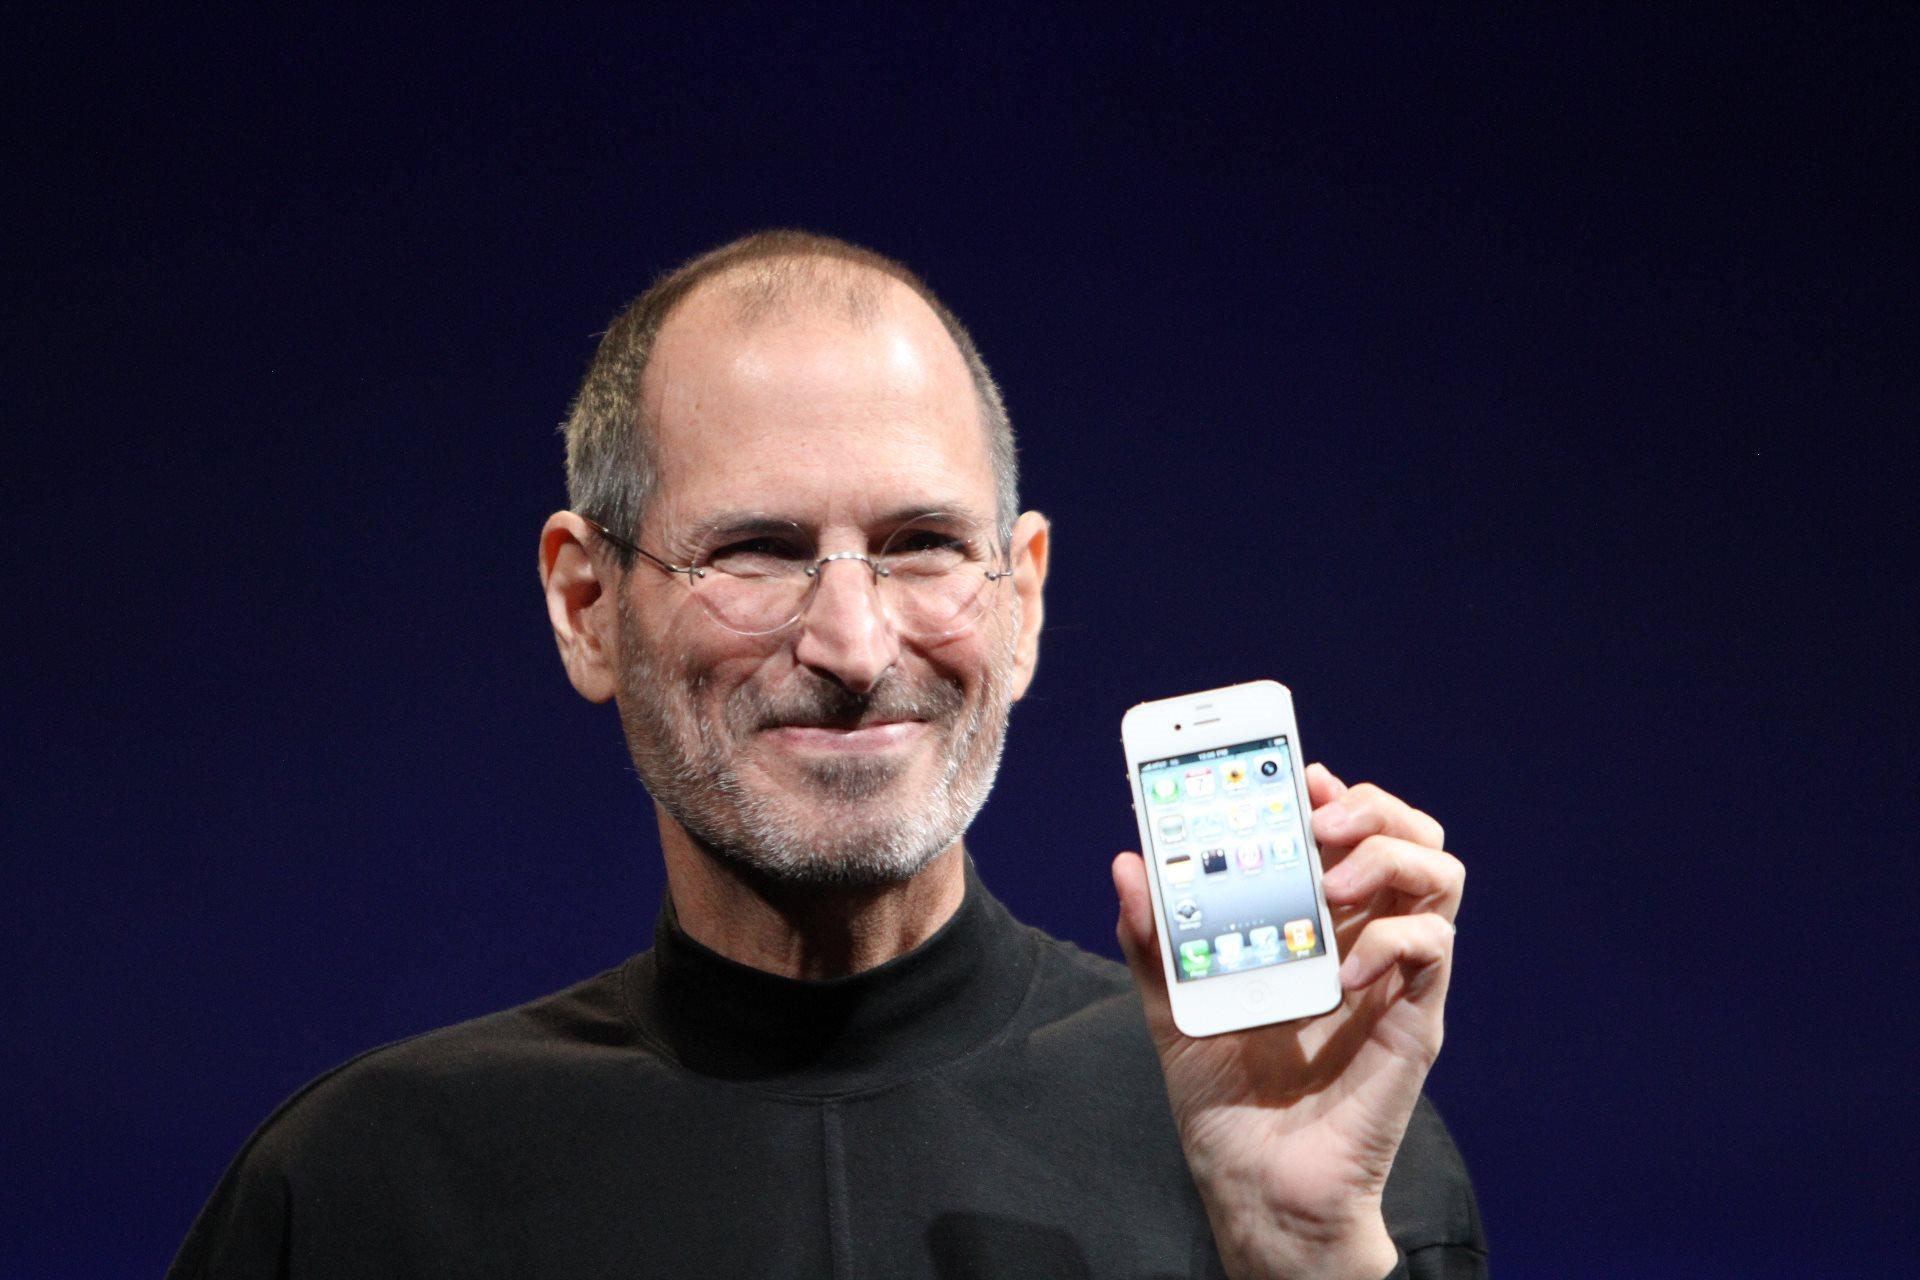 Steve Jobs viser iPhone 4 frem